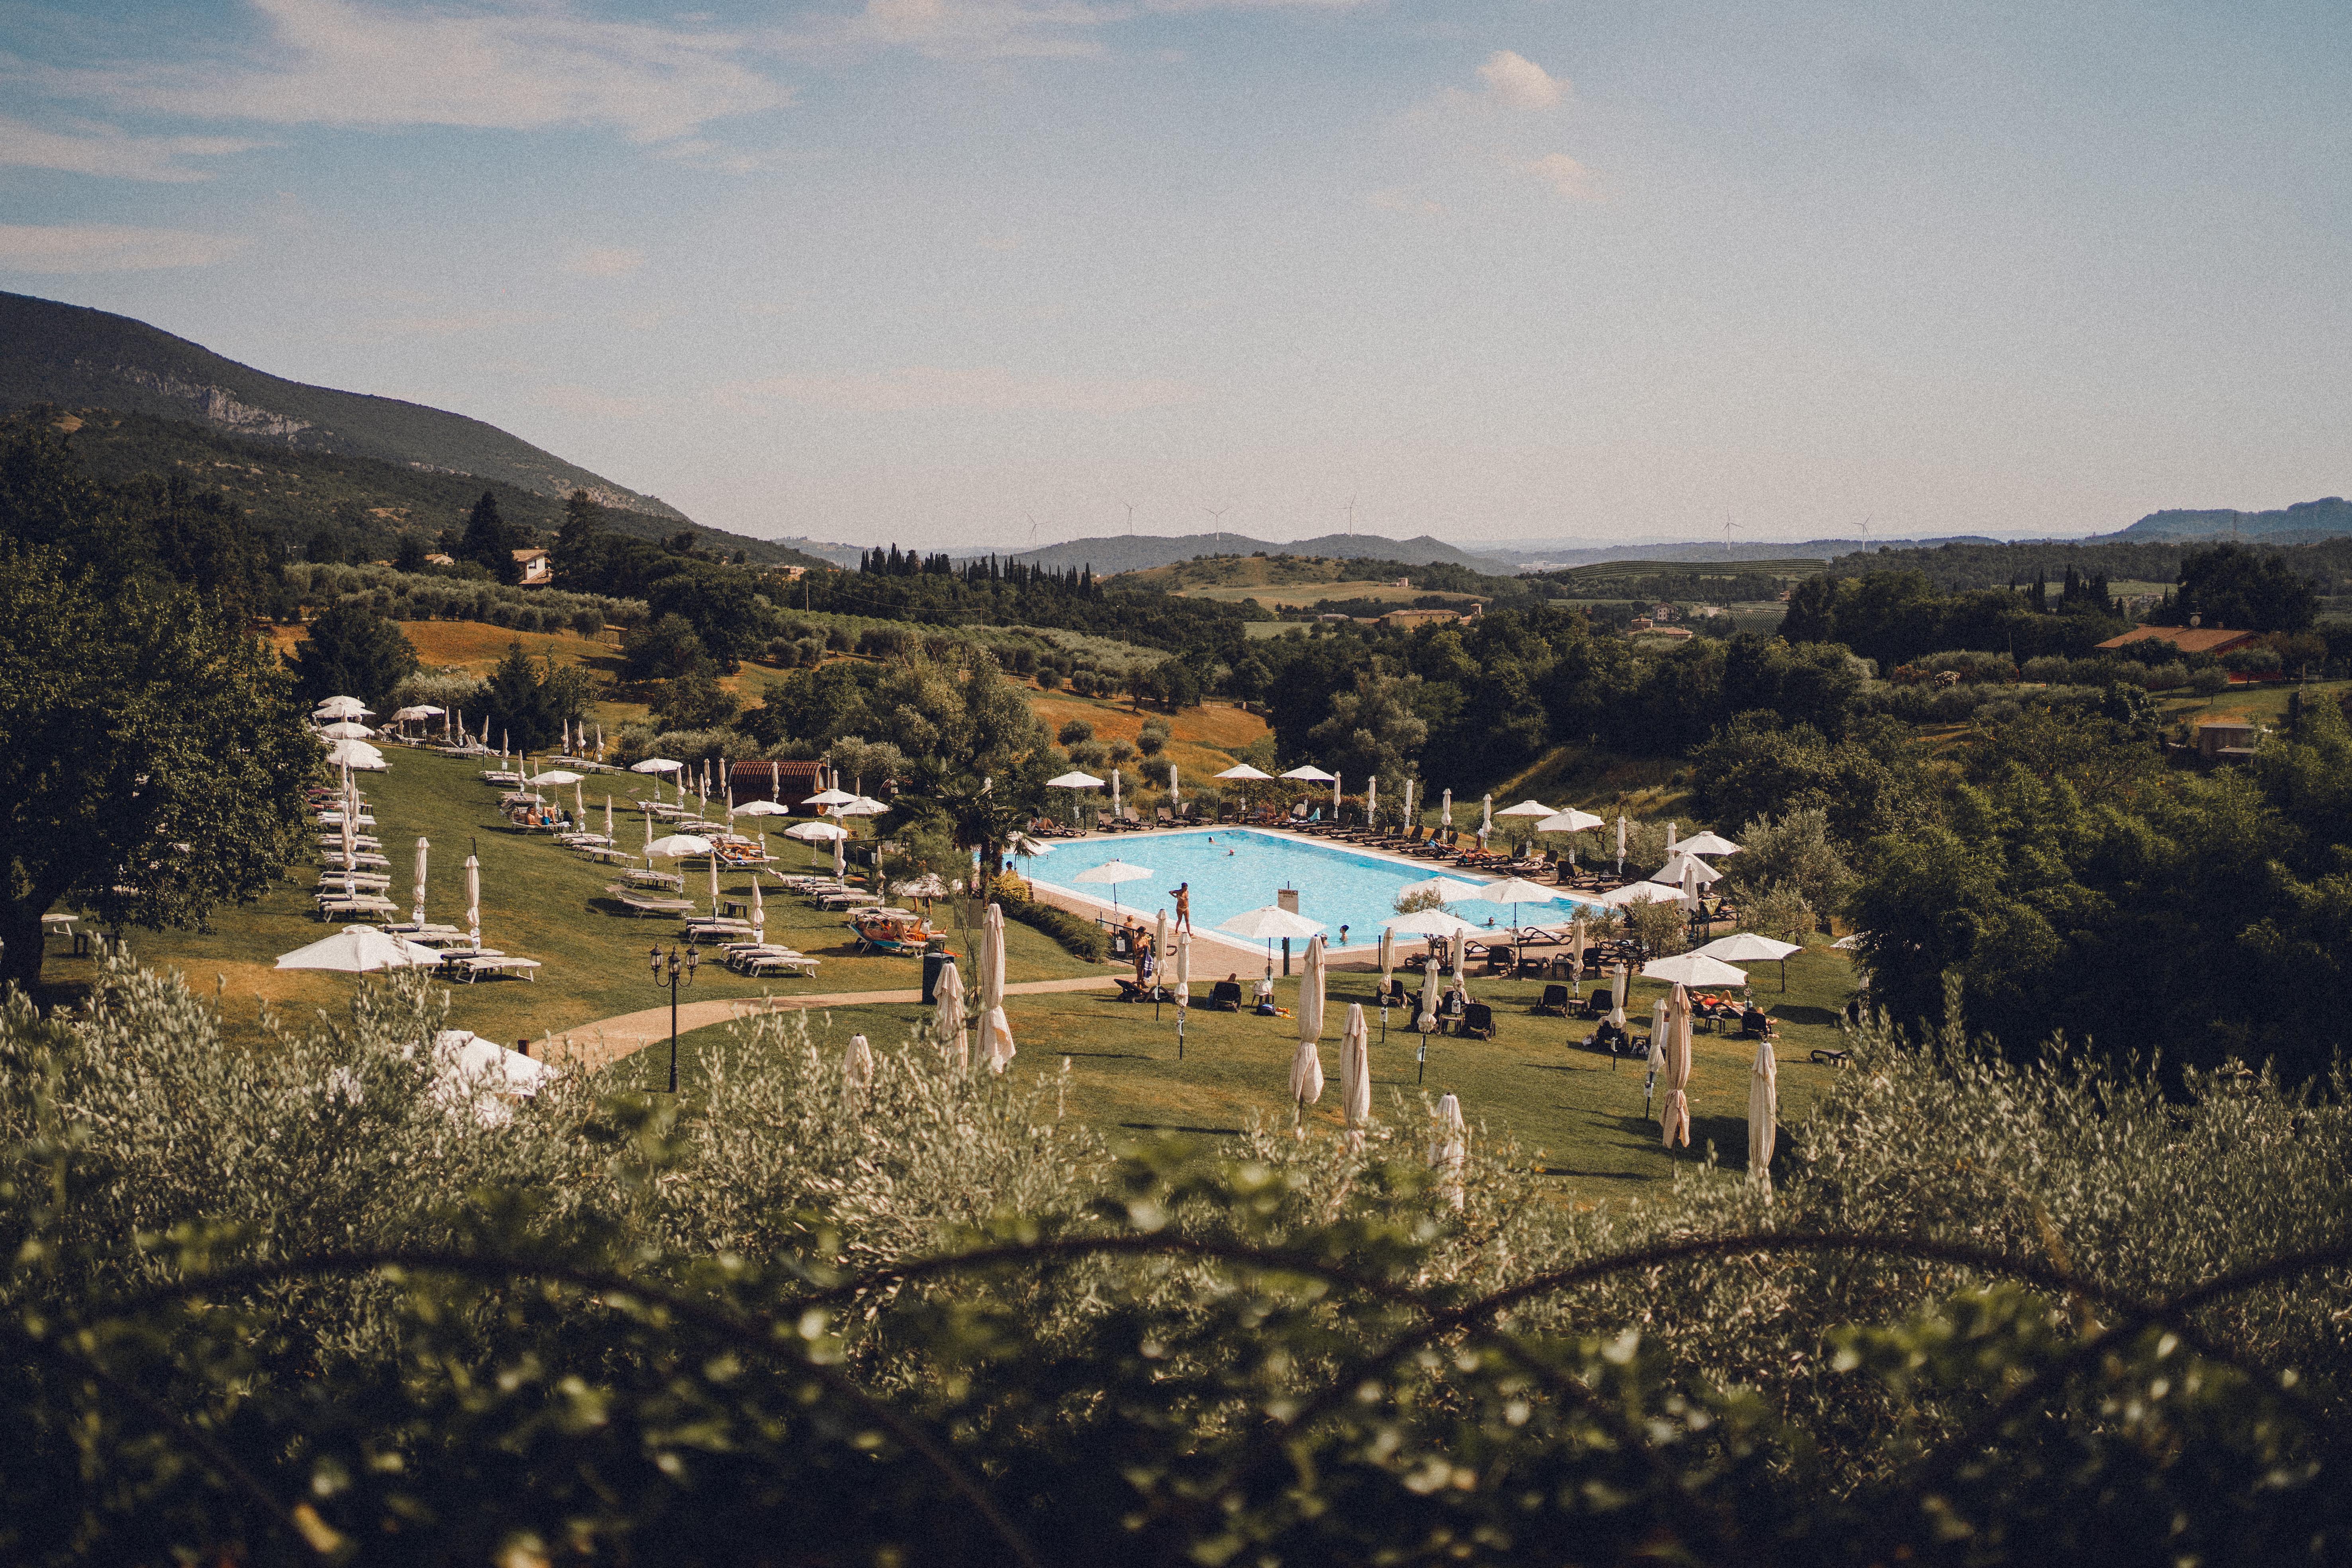 Villa cariola il panorama